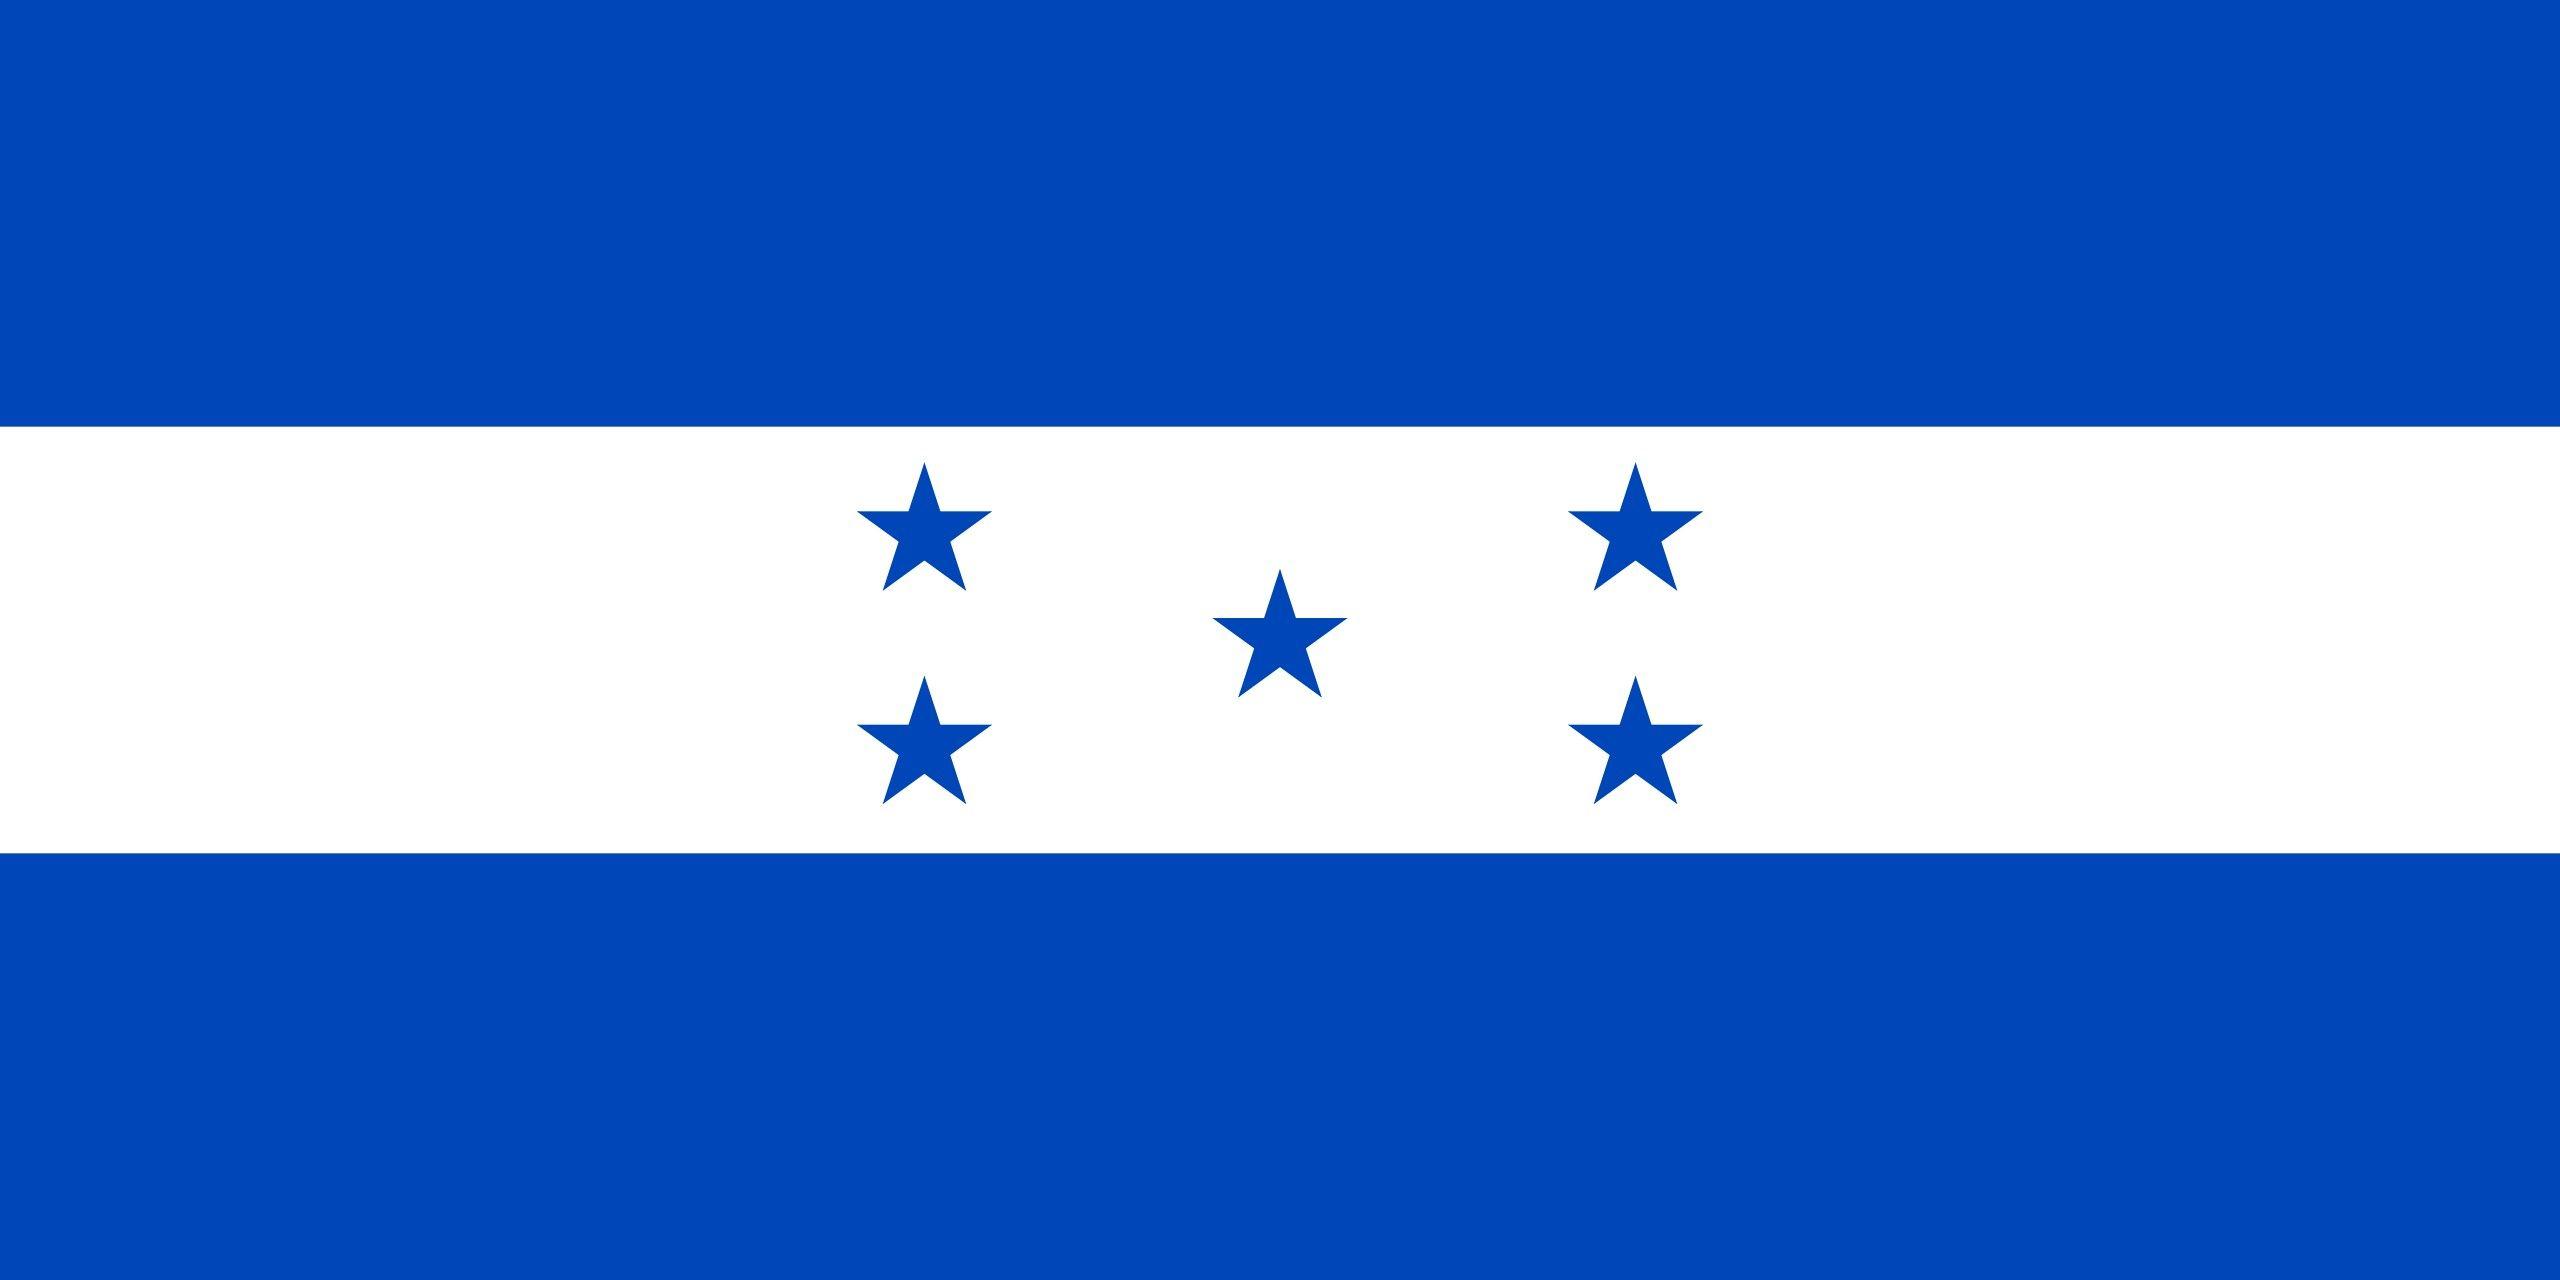 que significa la bandera del partido libre de honduras